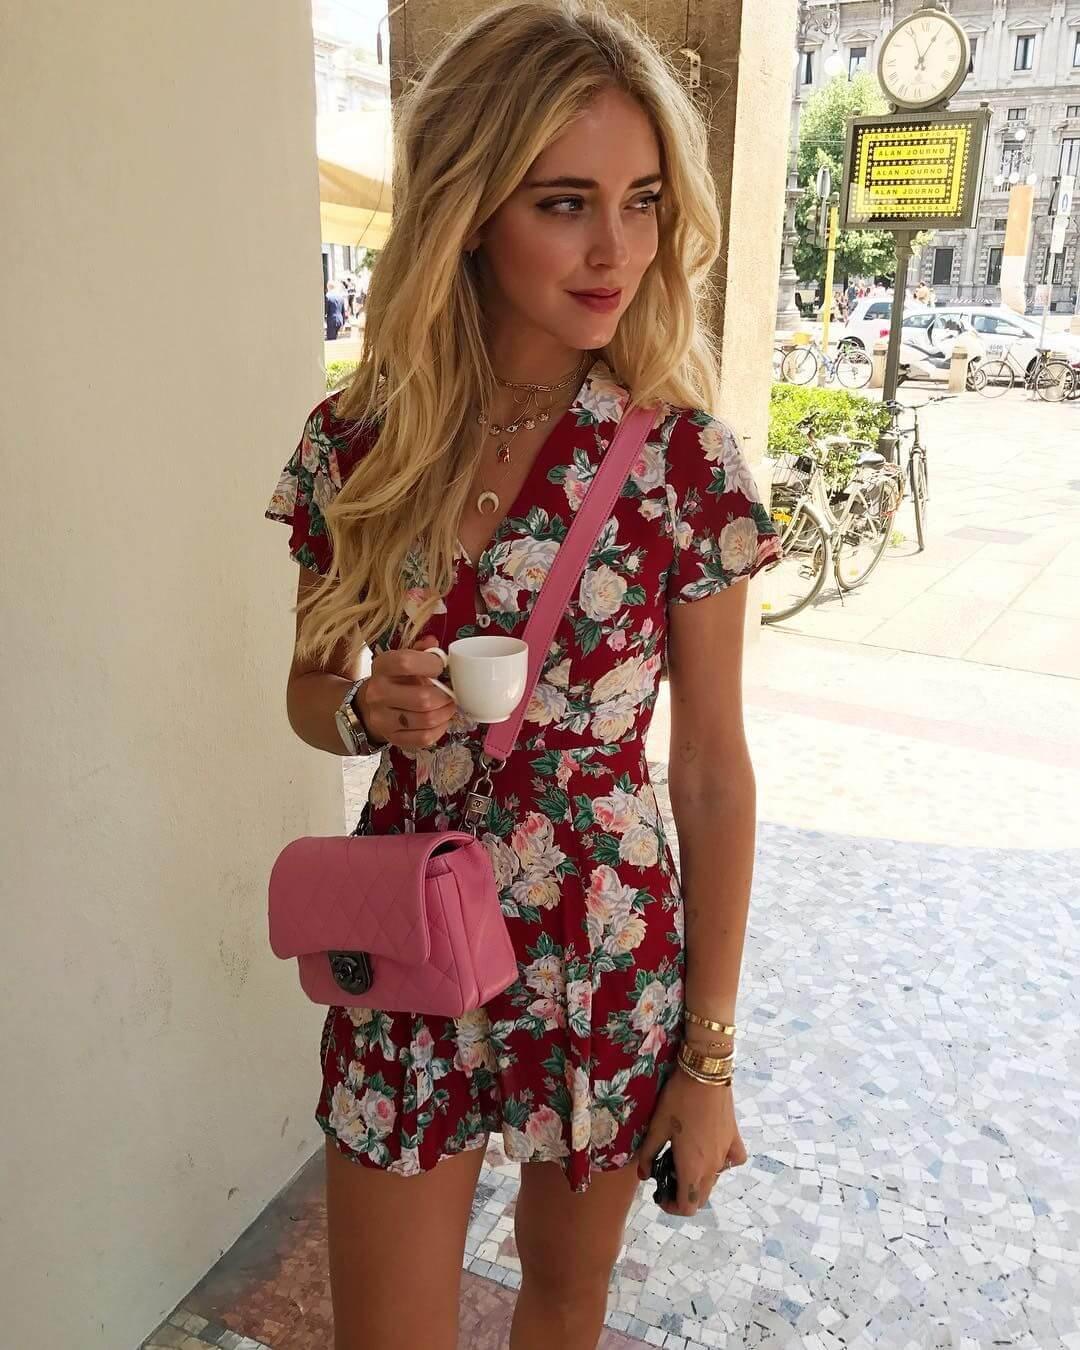 Blogueira loira com cabelos compridos usa vestido floral, bolsa Chanel rosa candy e colares e pulseiras dourados e segura xícara de café na mão.